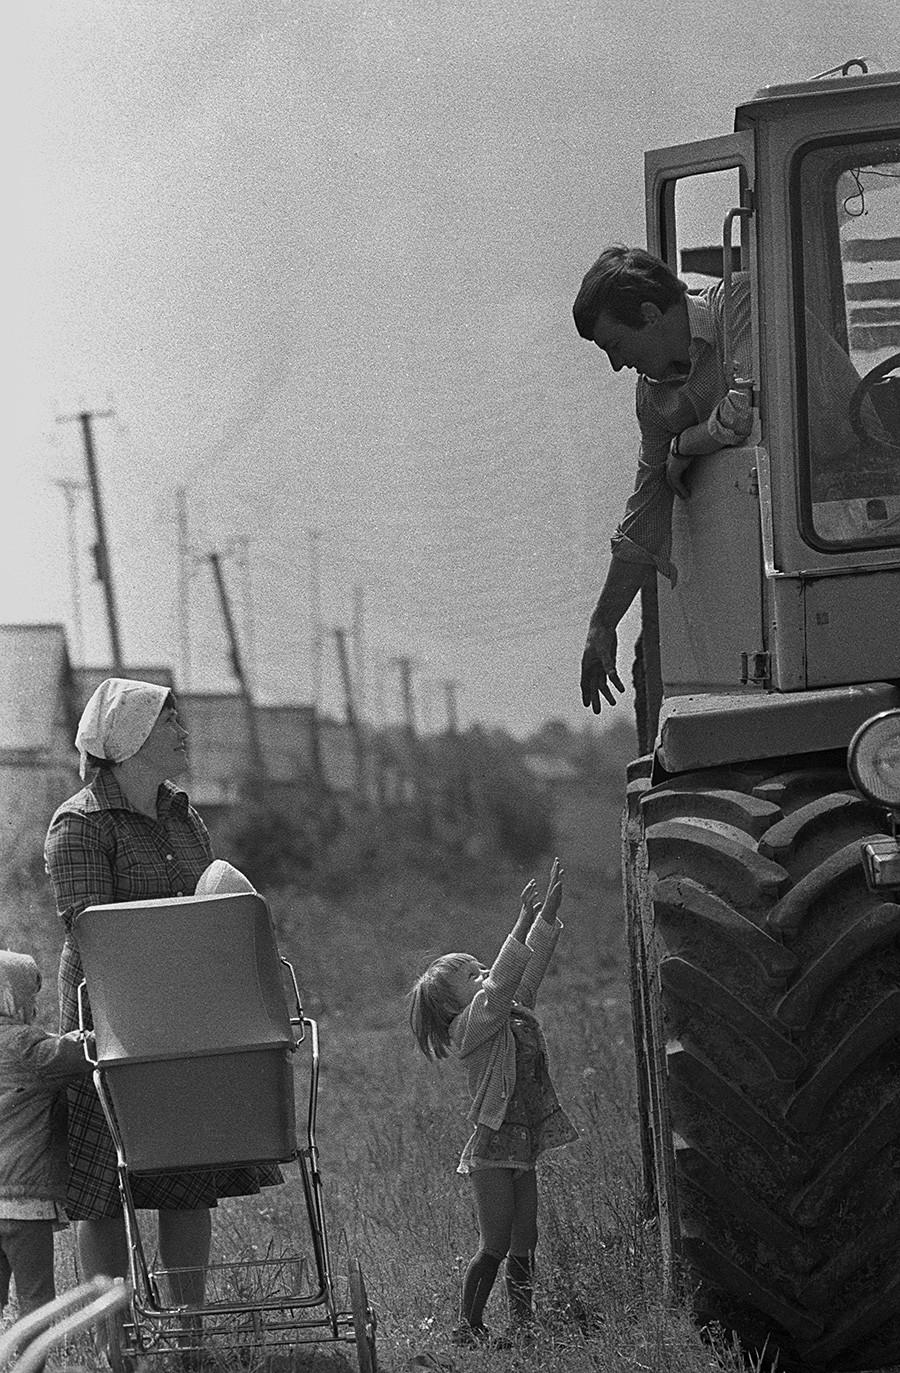 百万長者コルホーズ(収入100万ルーブル以上のコルホーズ)「ソビエト・ベラルーシ」の畑から帰宅した機械化技術要員。1987年